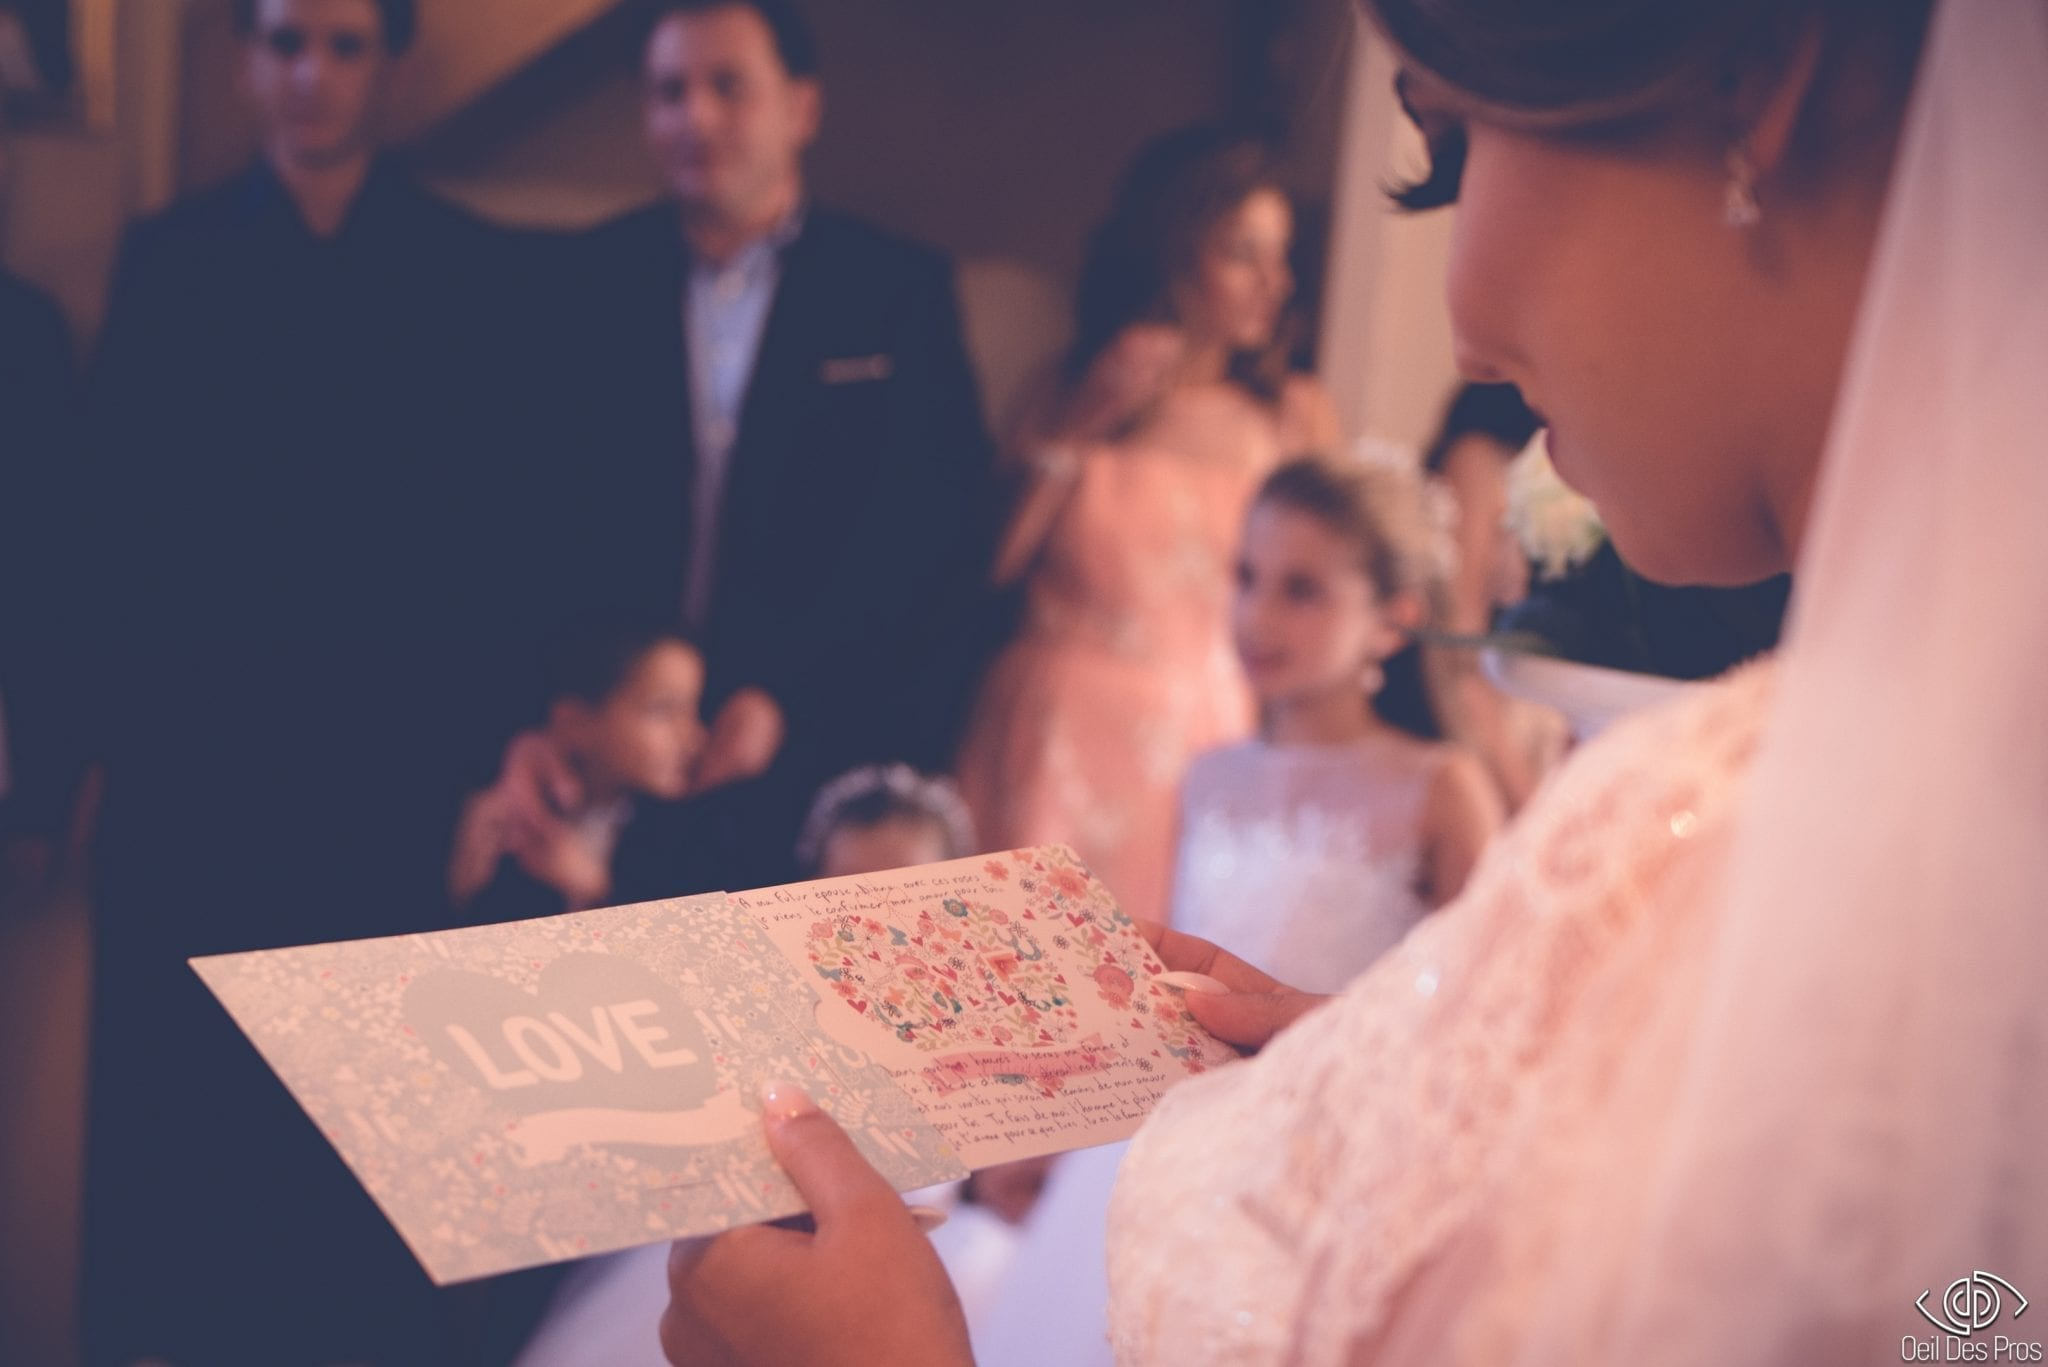 Photographe Mariage Lyon - Oeil Des Pros - Réception de mariage